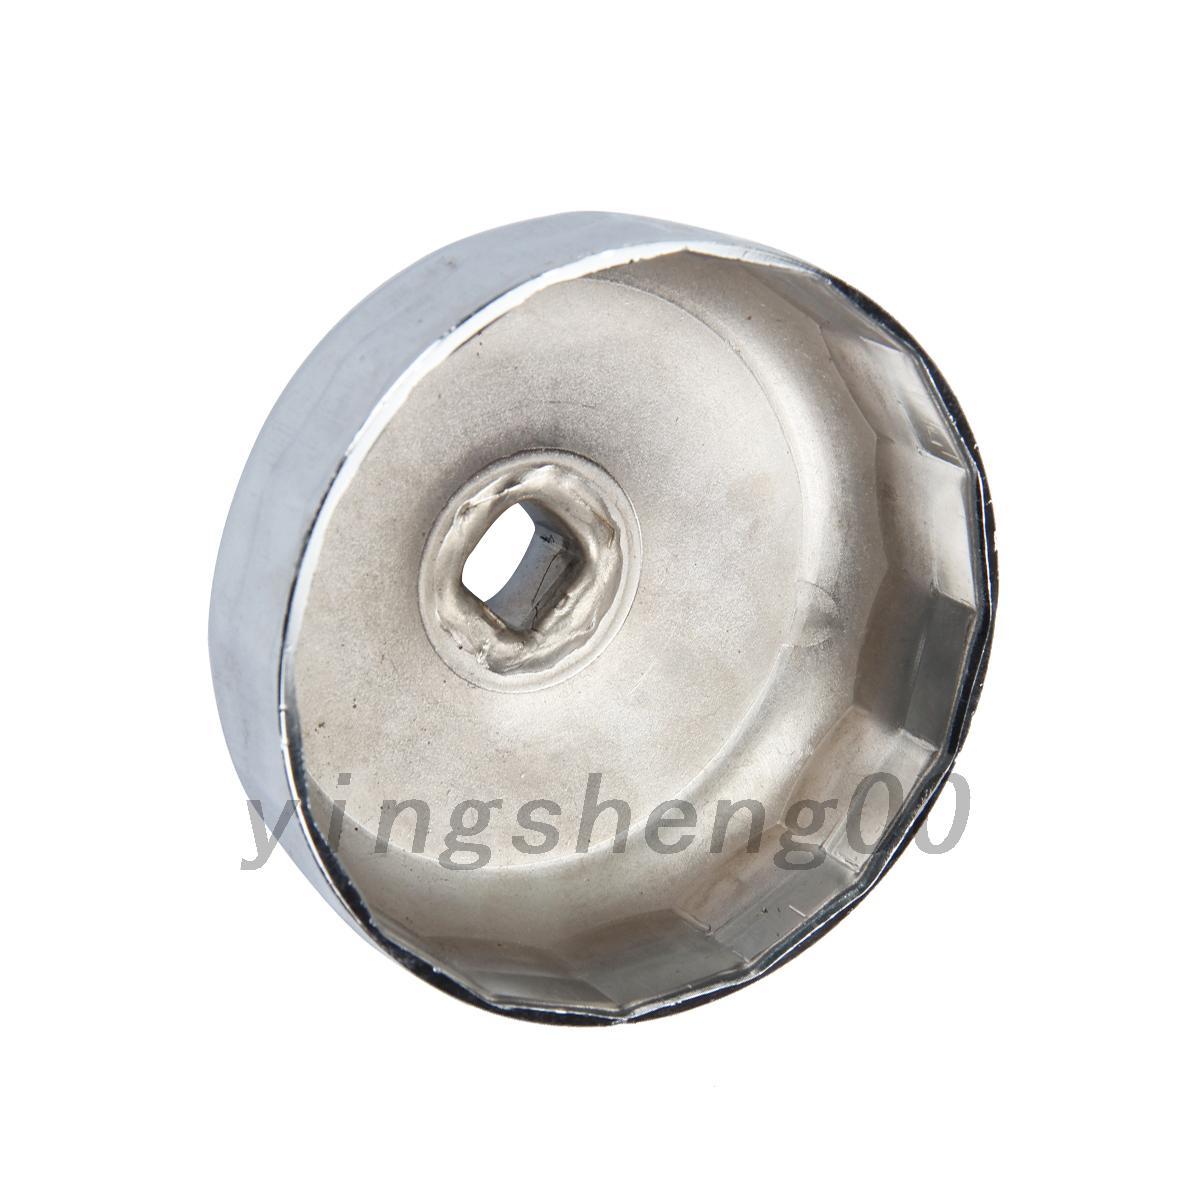 Cloche cl pour filtre huile oil filter wrench nissan 74mm fl tes ebay - Huile pour porte qui grince ...